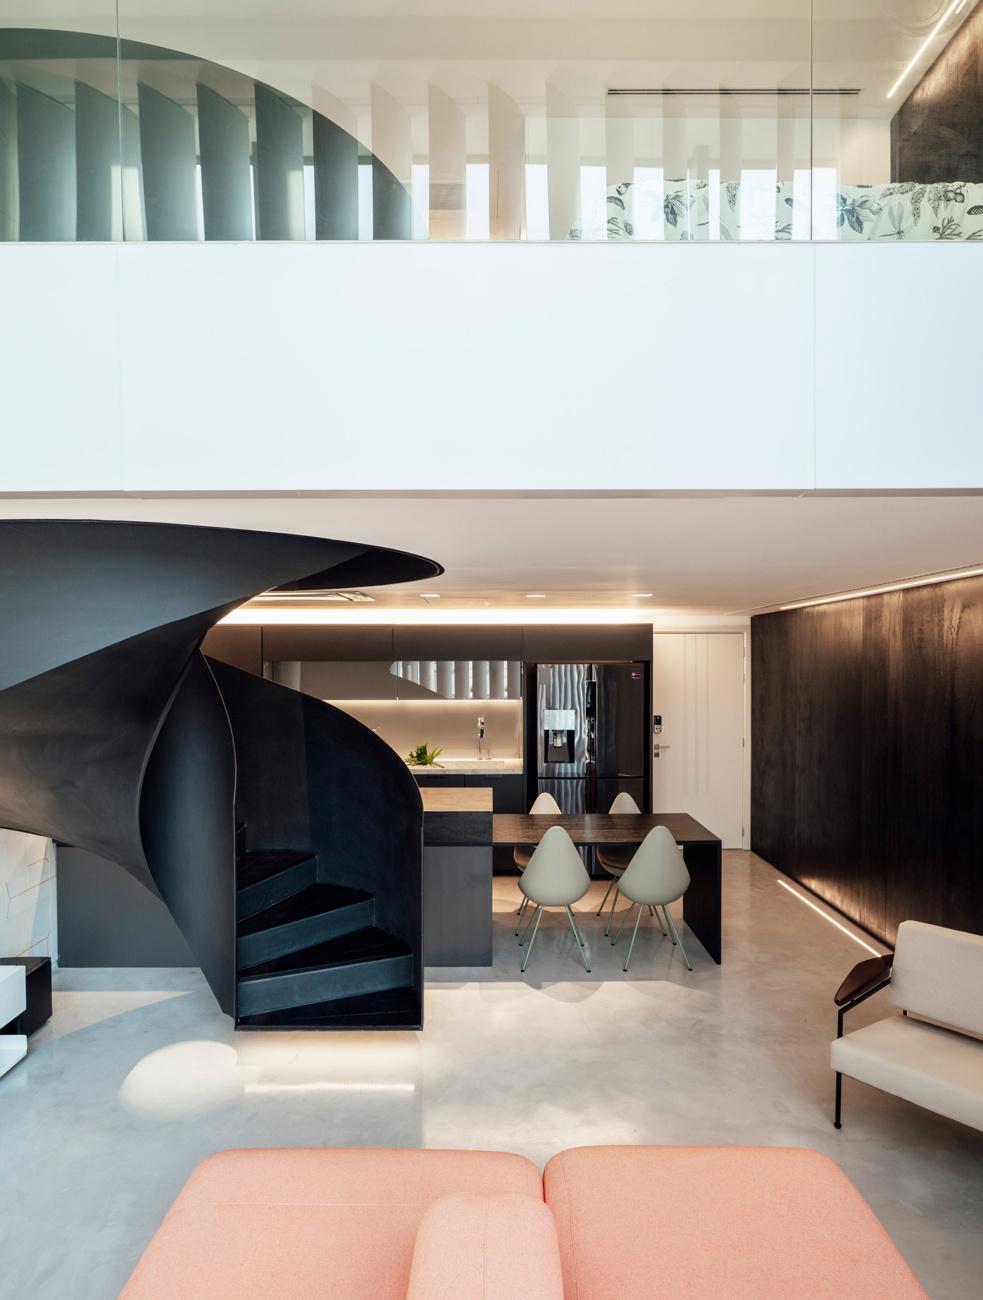 Arquitetura Nacional (Бразилия). Мини-лофт с винтовой лестницей